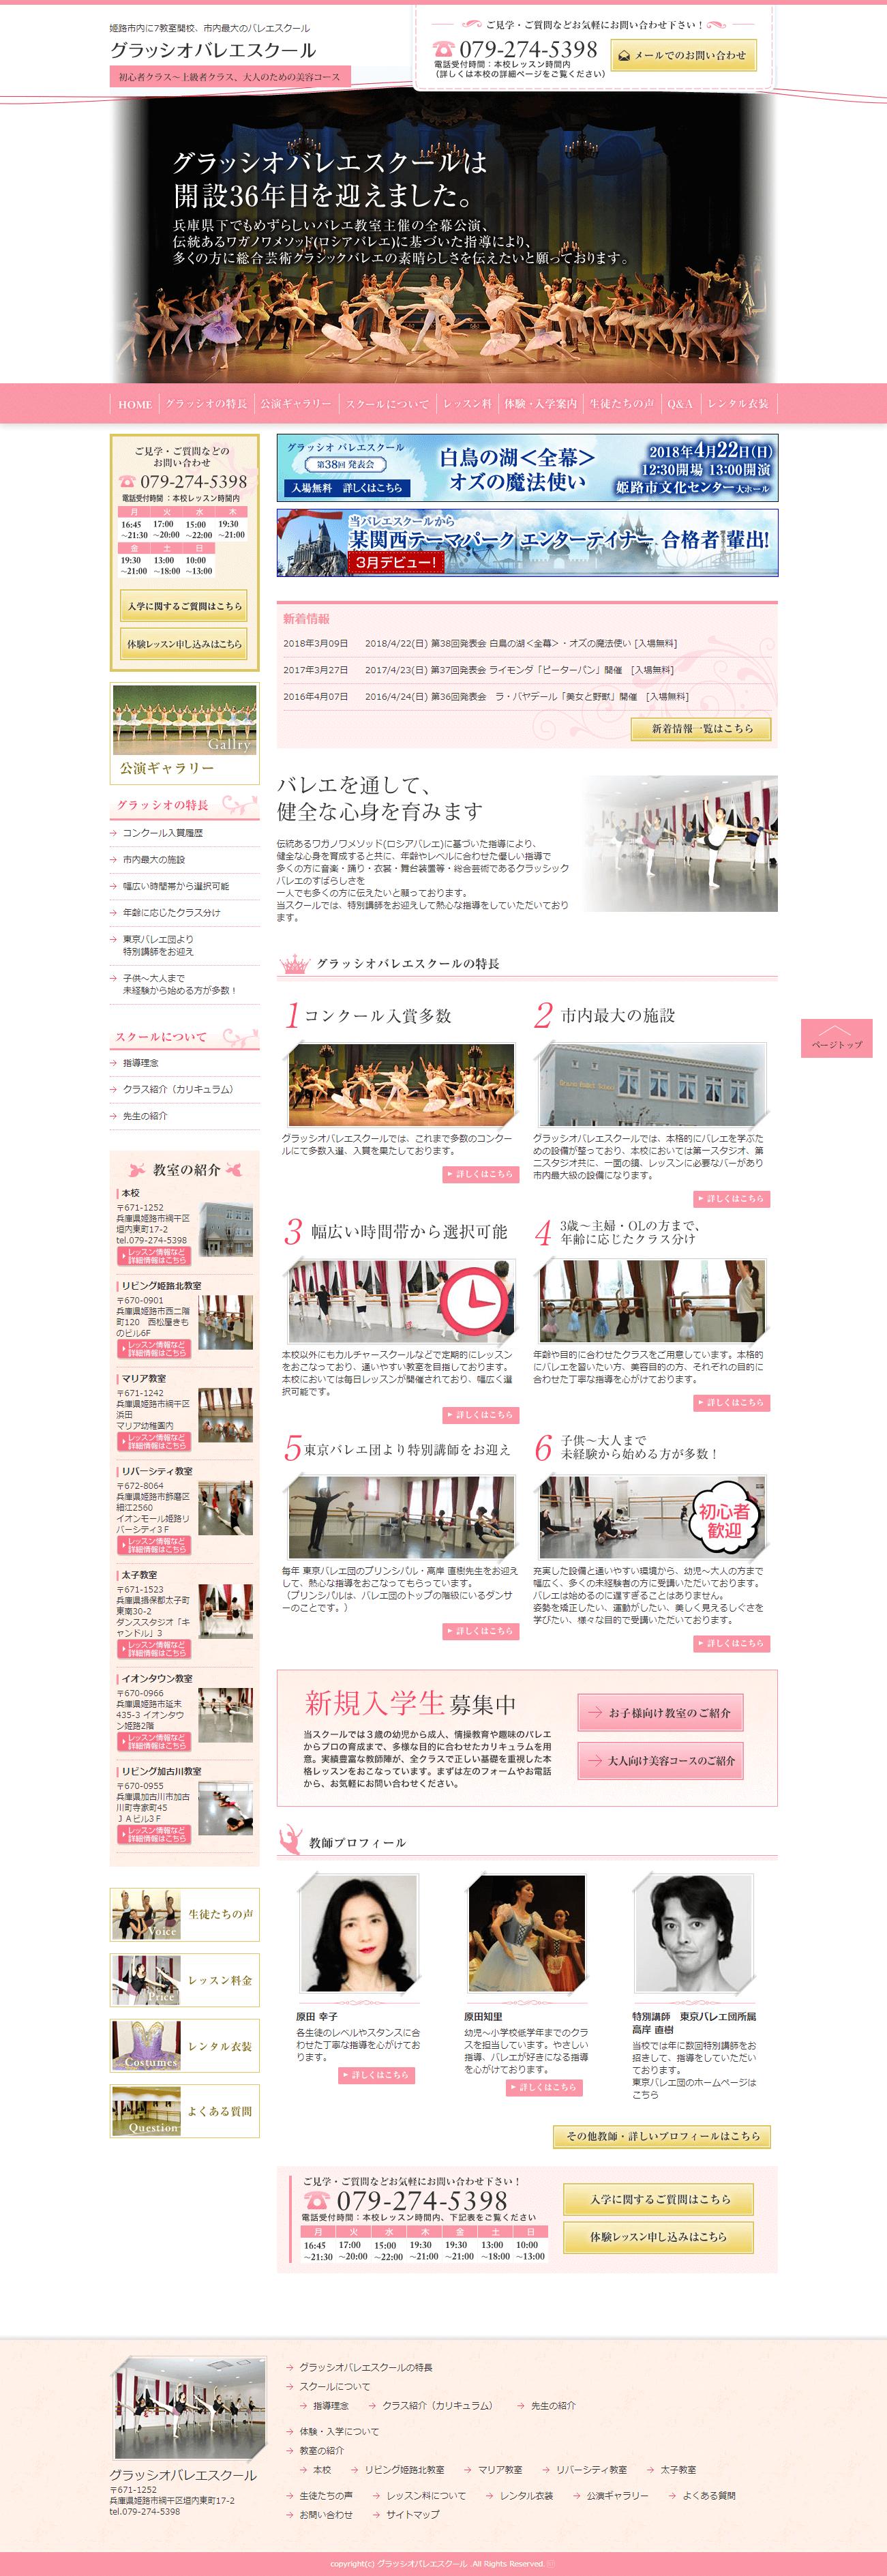 姫路市 グラッシオバレエスクール様 ホームページ制作1